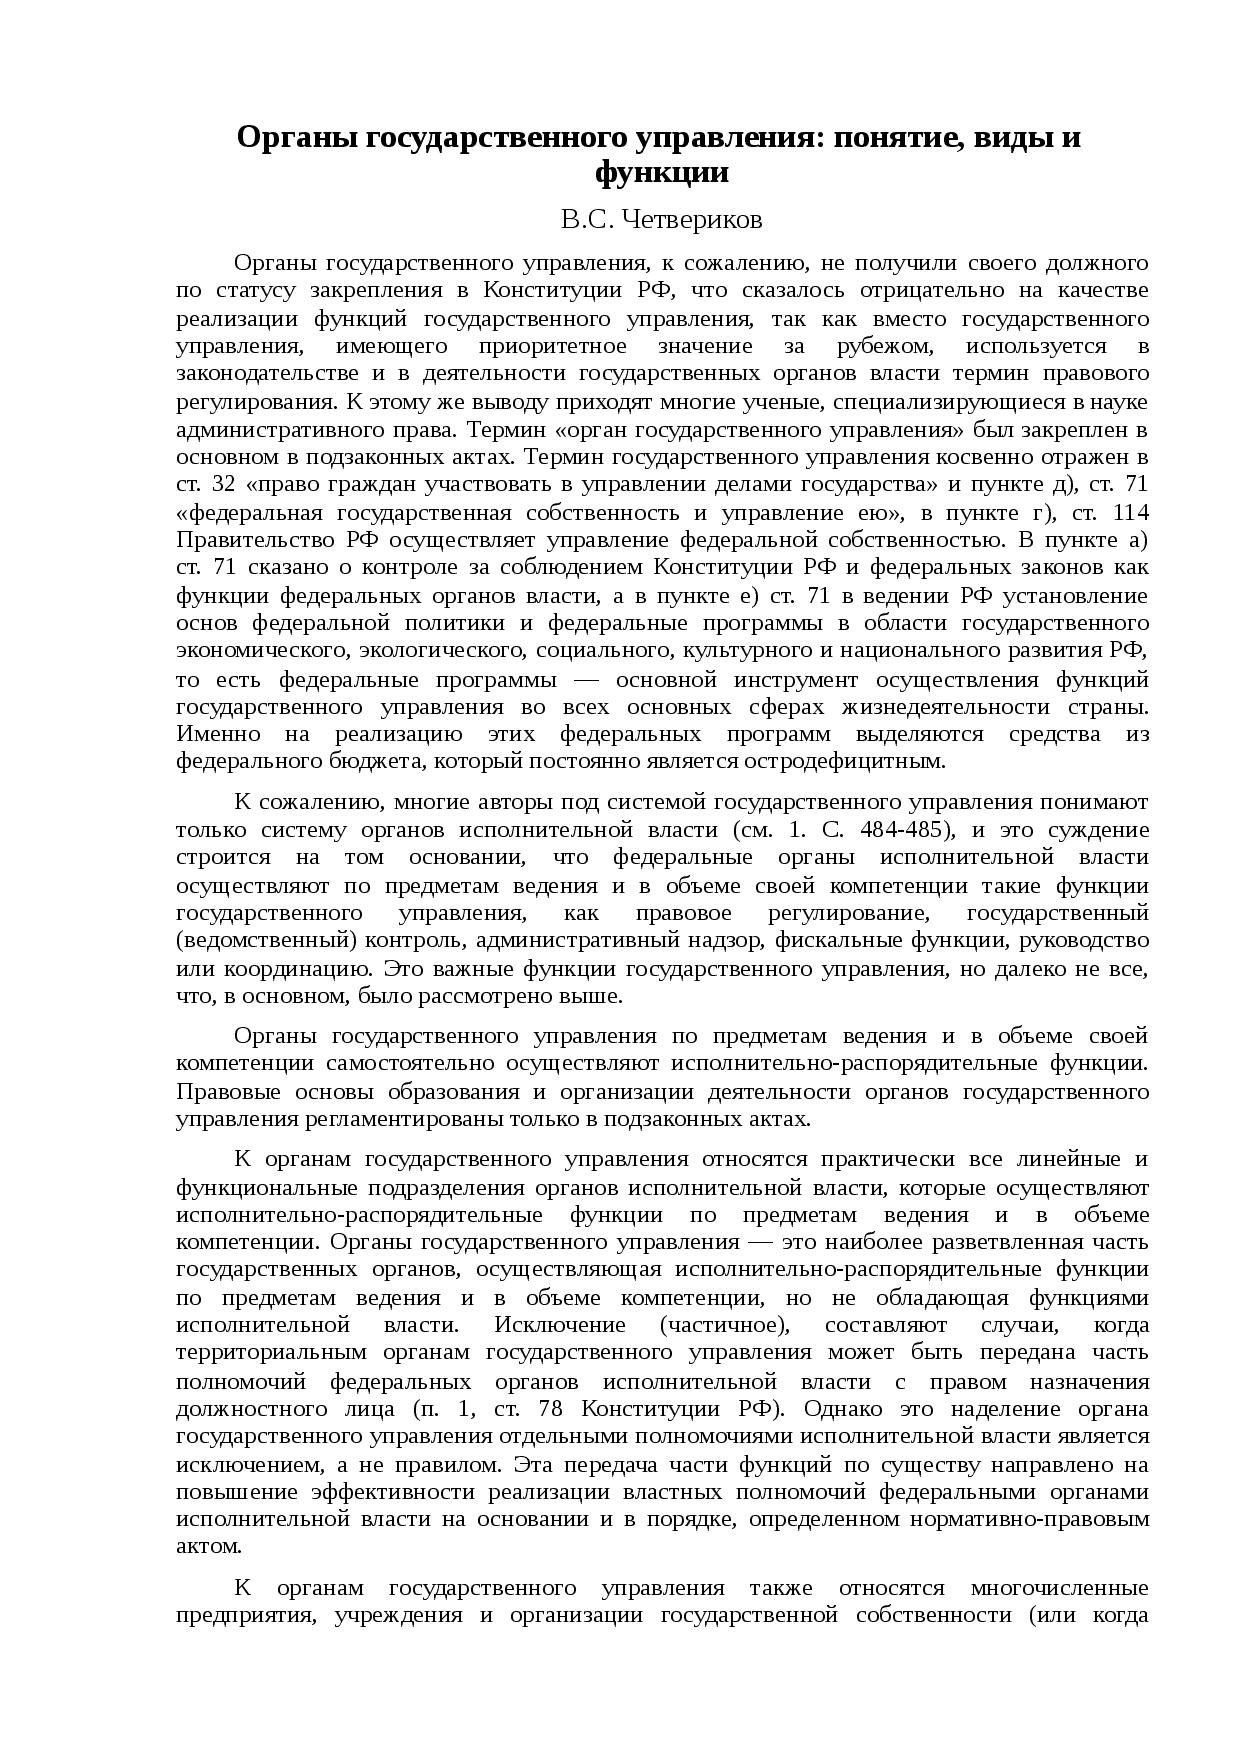 Кратко о понятии, признаках и функциях любого государства